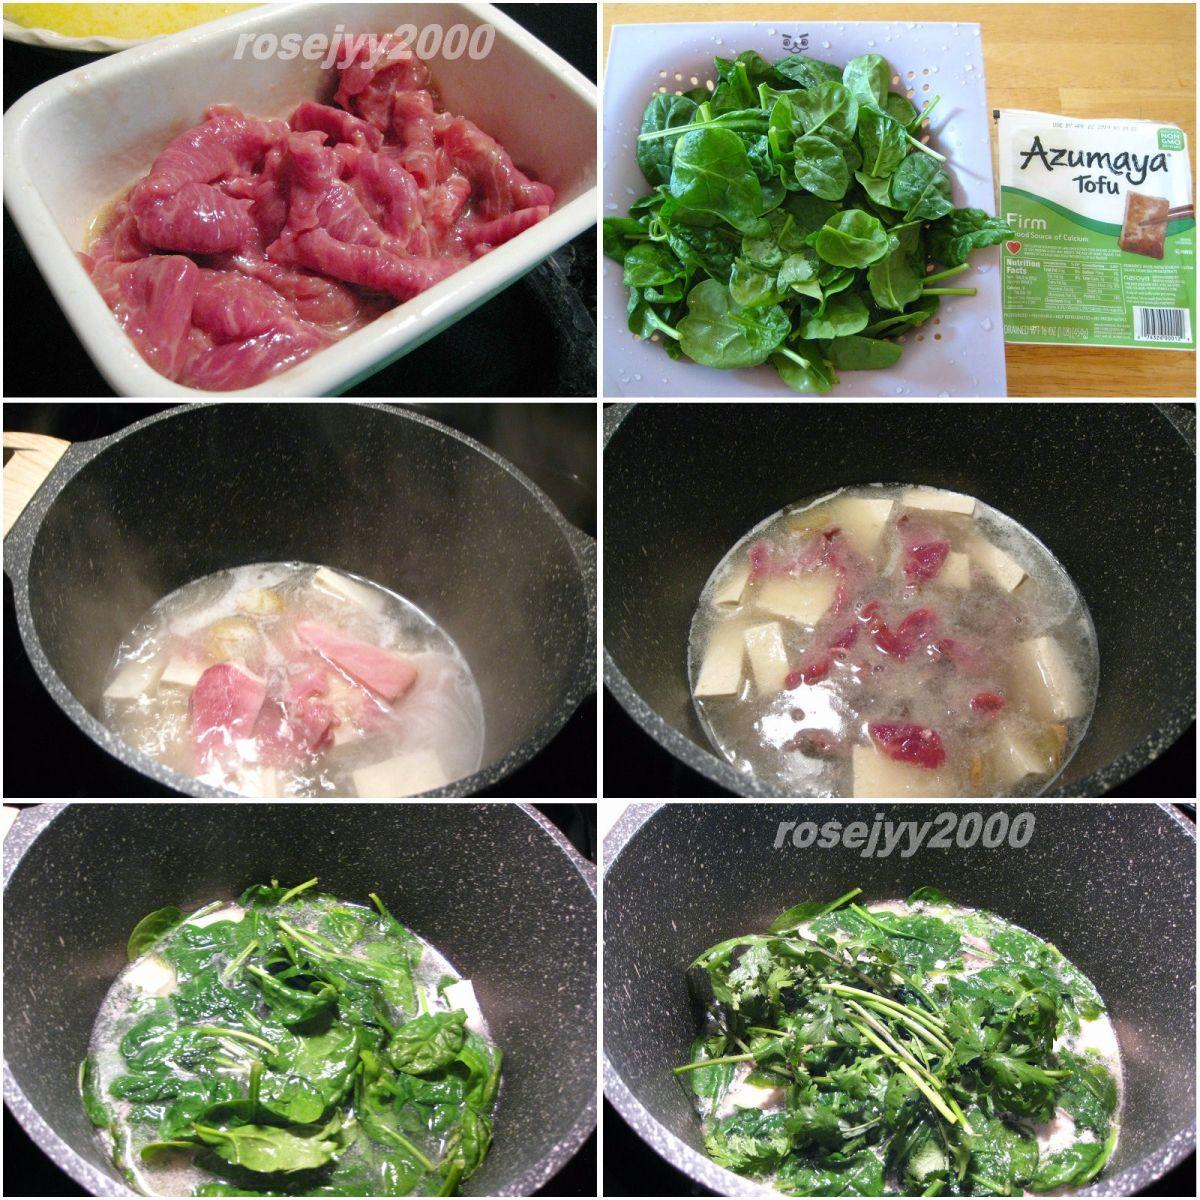 牛肉菠菜豆腐汤_图1-2